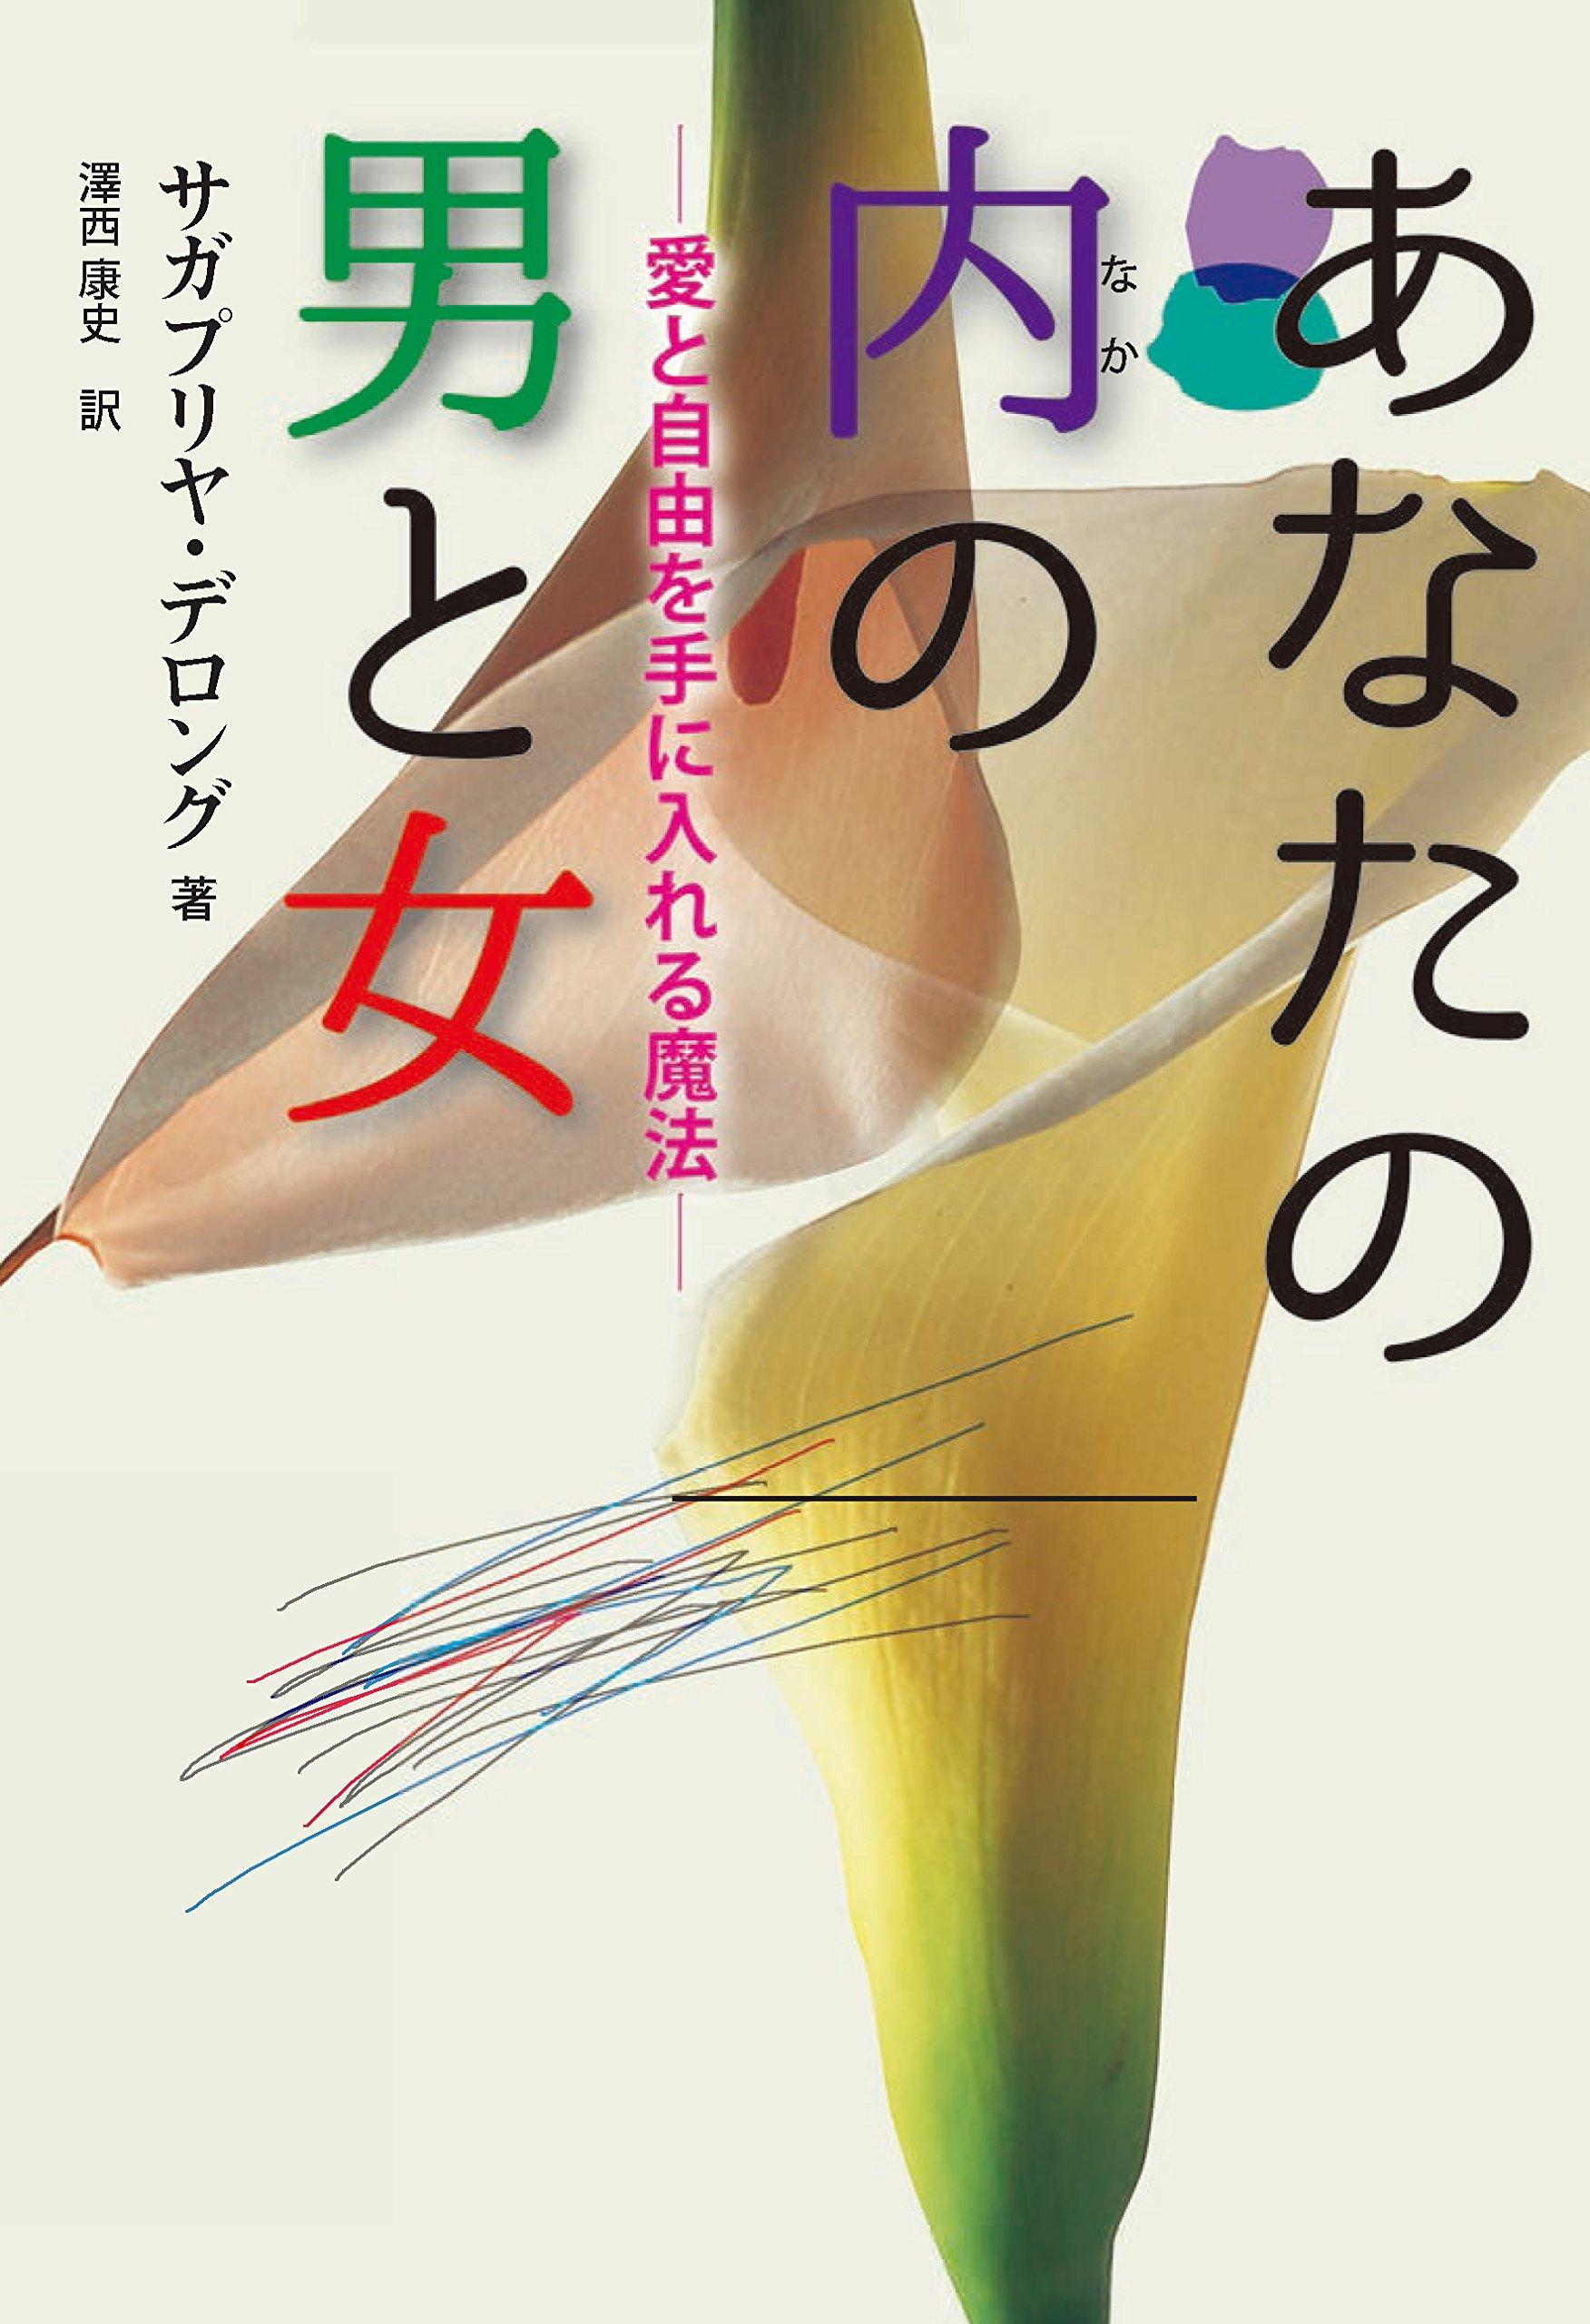 スターサファイヤ個人セッション@東京ごまふレコード